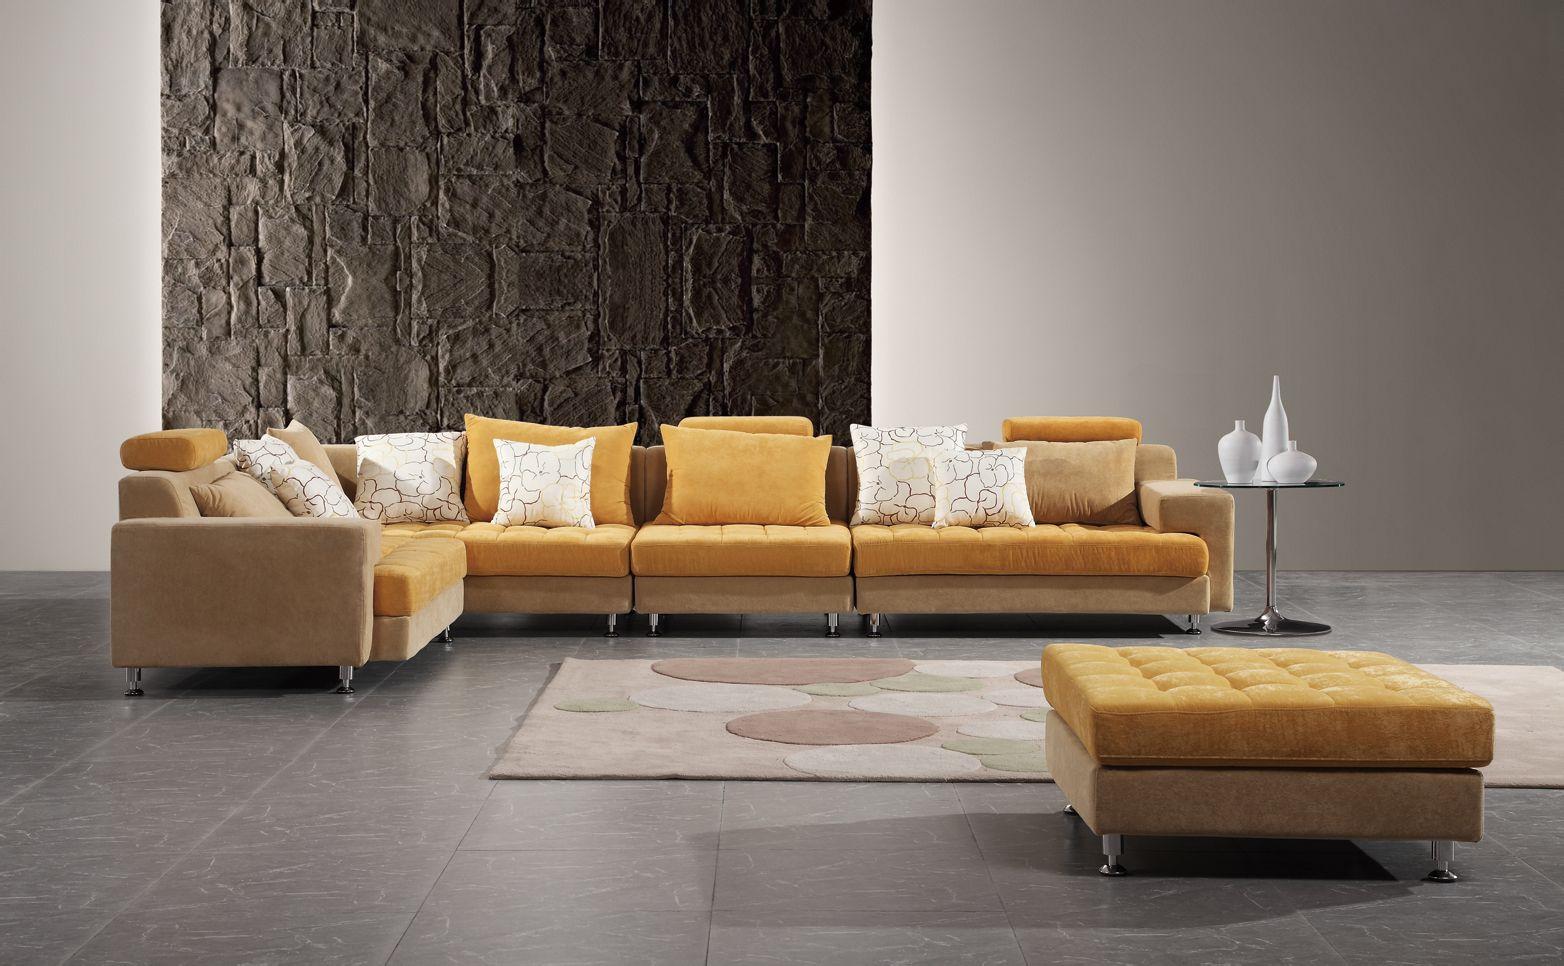 沙发坐垫是桔黄色的适合搭什么颜色的靠背图片